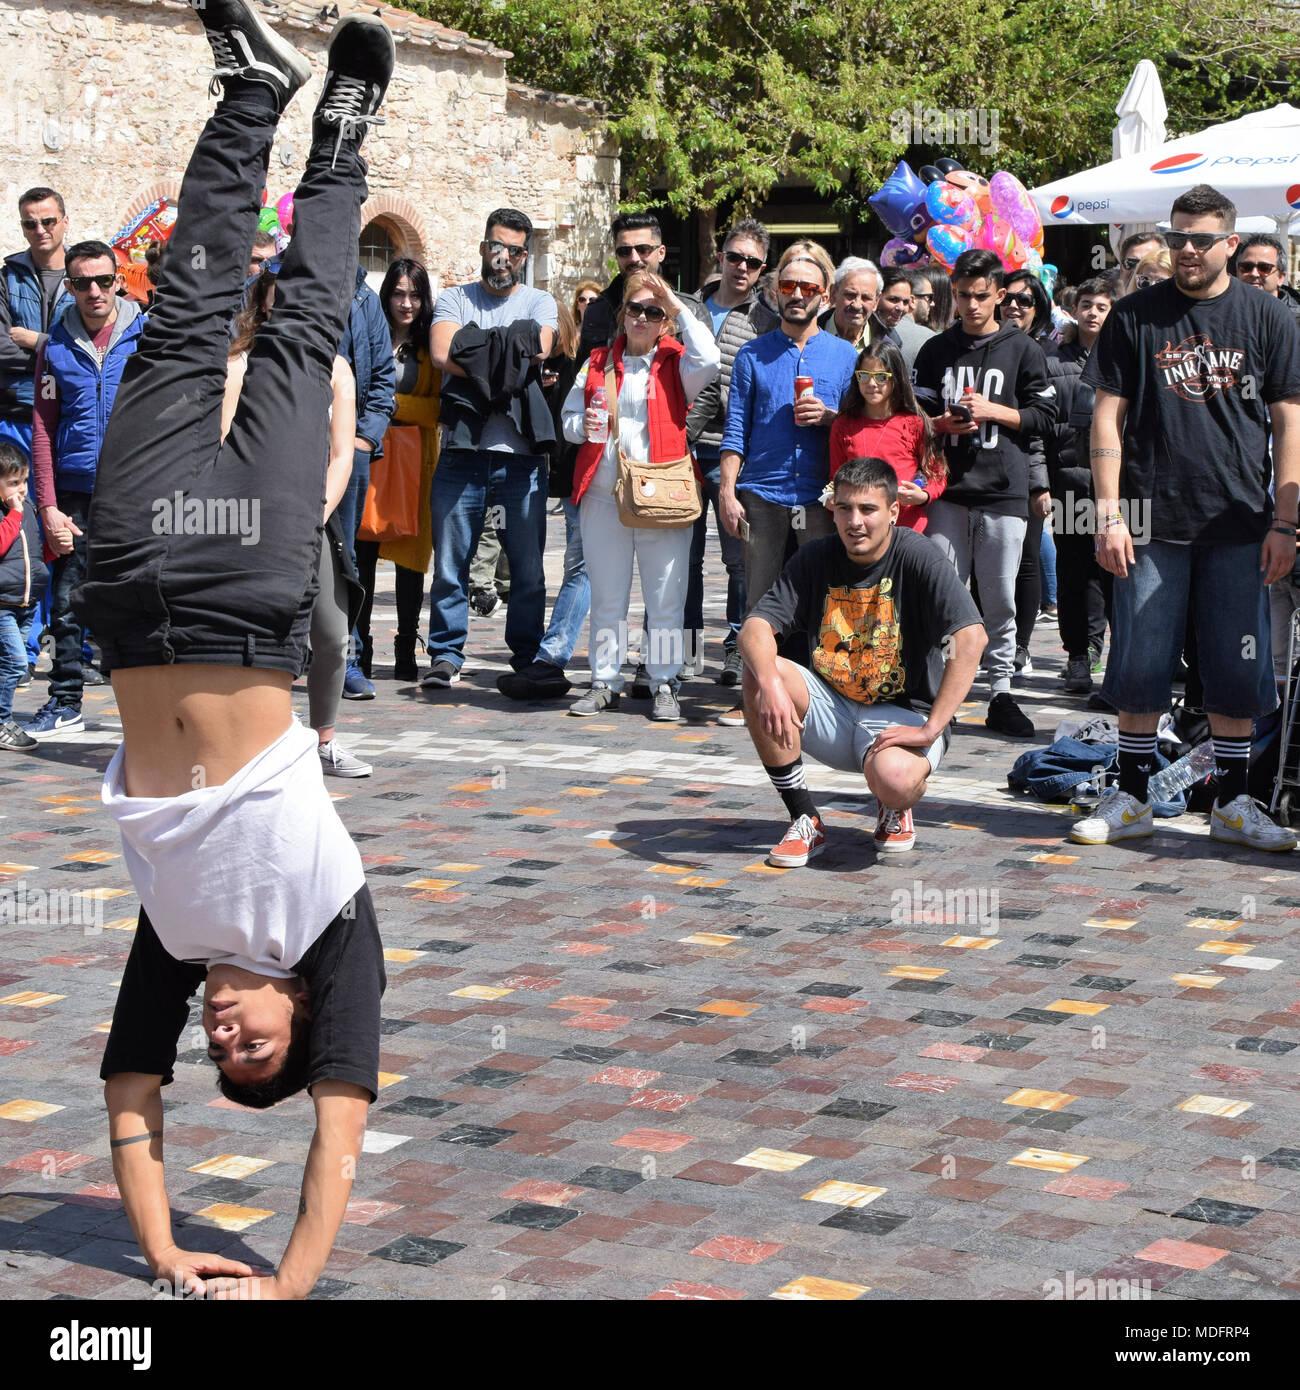 Atene, Grecia - Aprile 1, 2018: uomo di eseguire breakdance handstand spostare e la folla di gente a guardare. Street dancing cultura giovanile. Immagini Stock